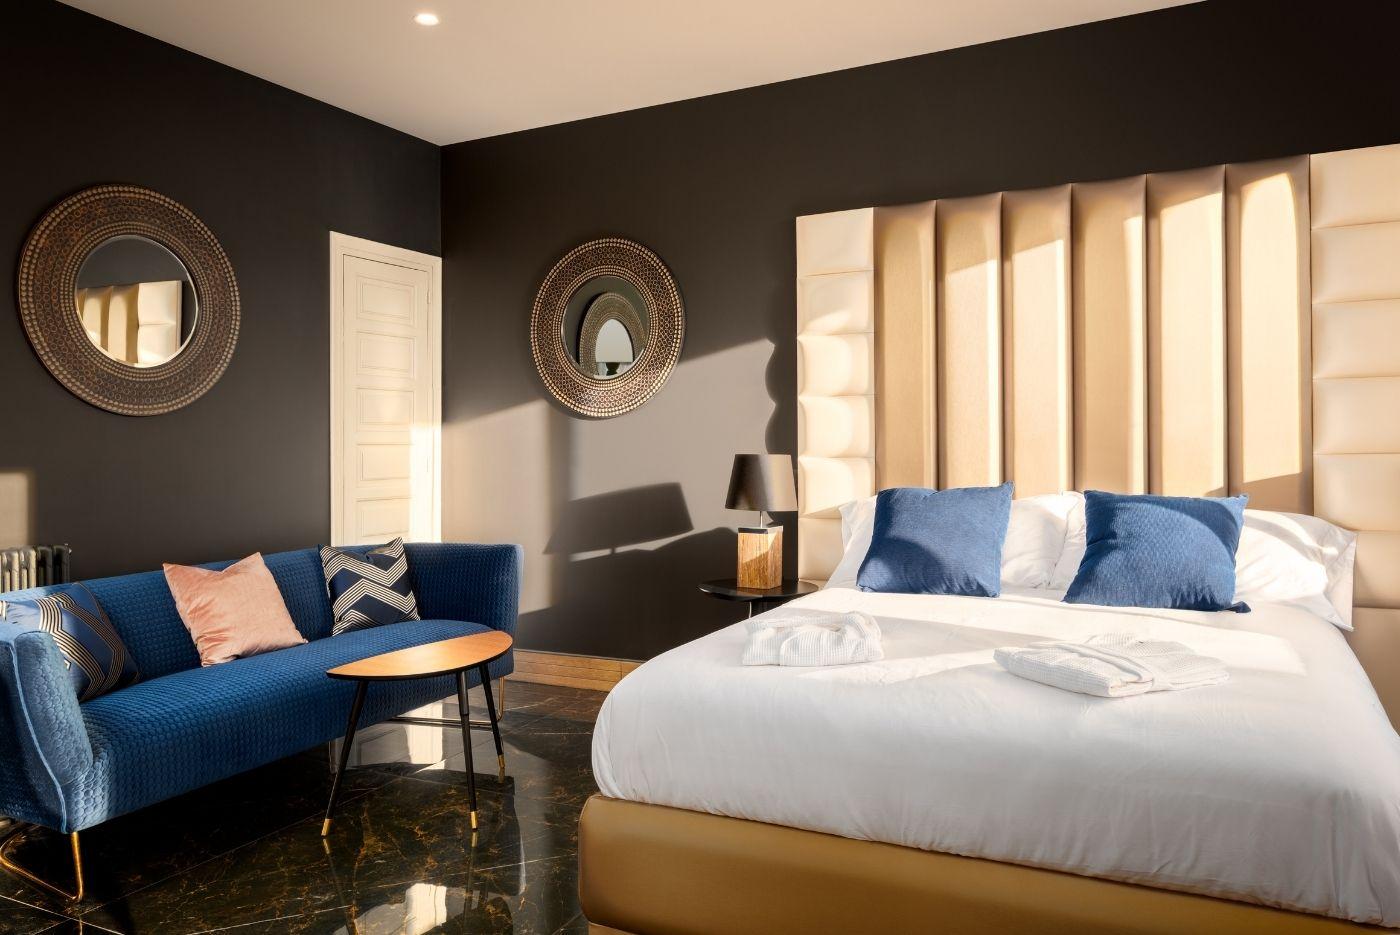 Apartamento-Suite-Atico-73-Oviedo-1907-02